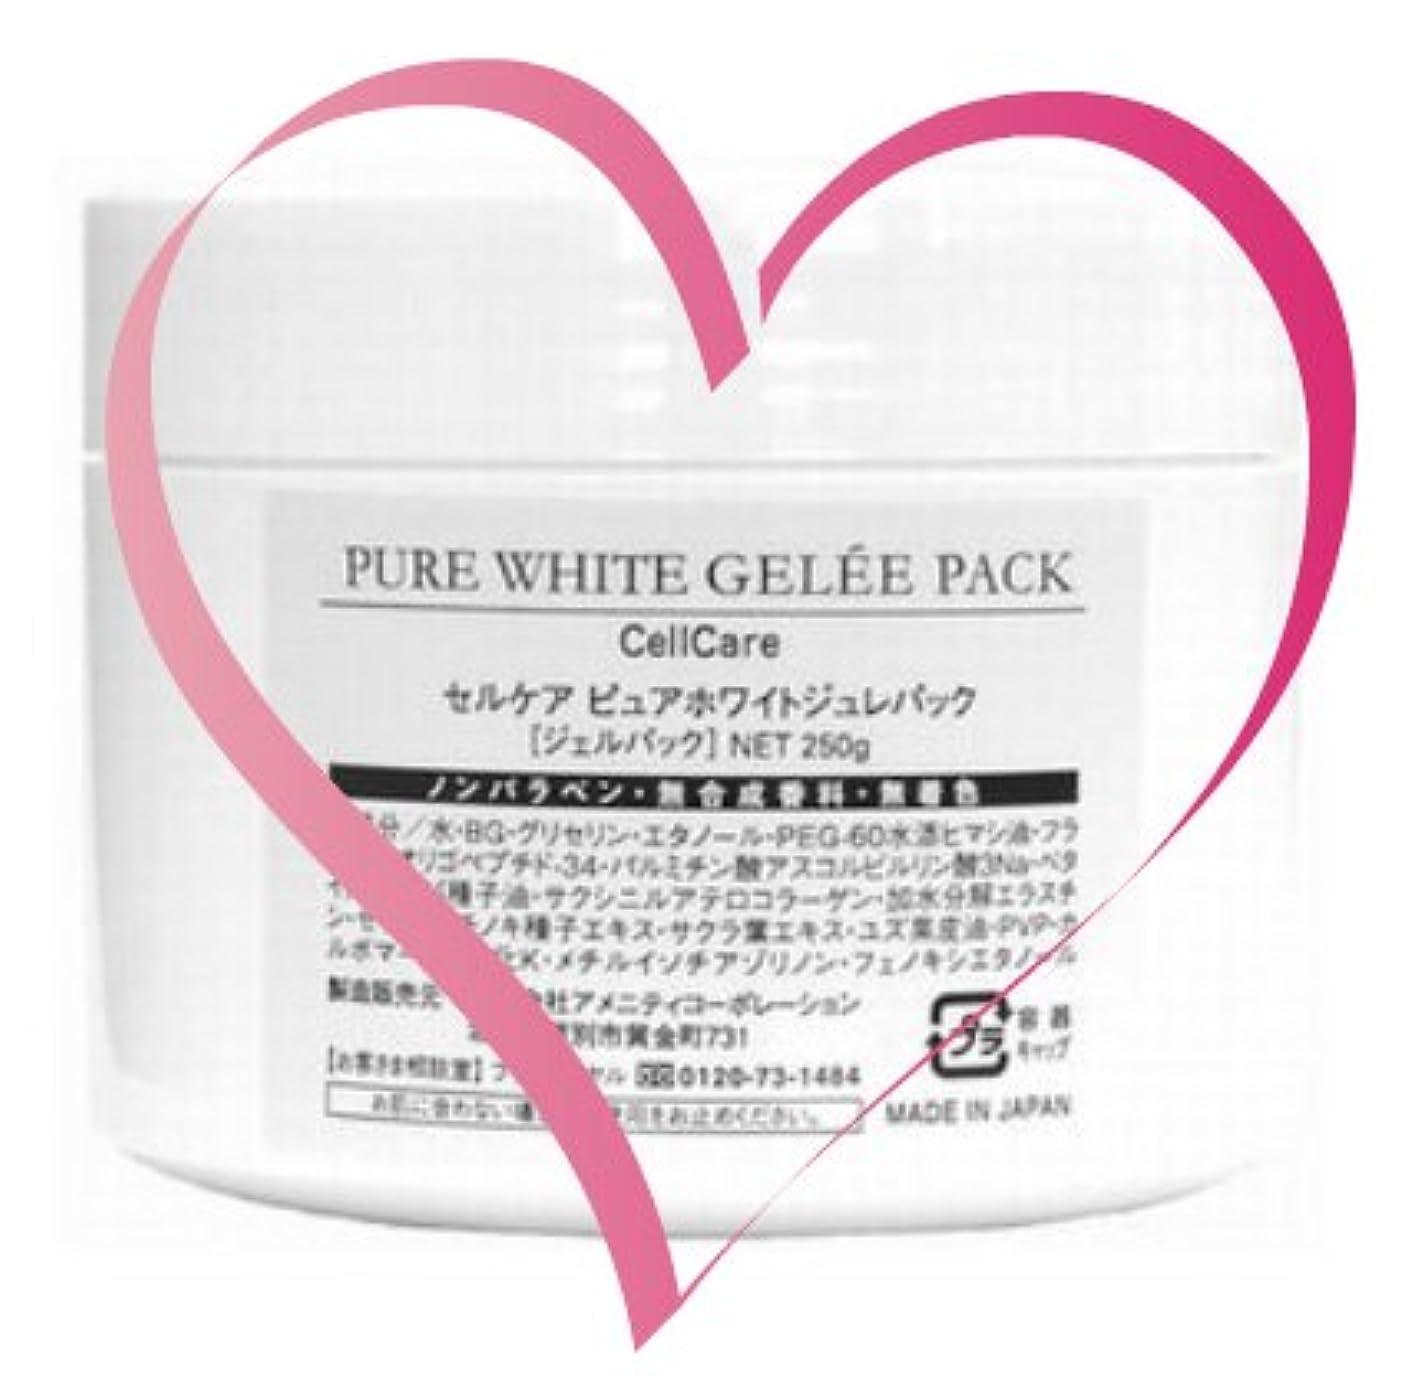 セルケア ピュアホワイトジュレパック 業務用250gお徳用3個セット